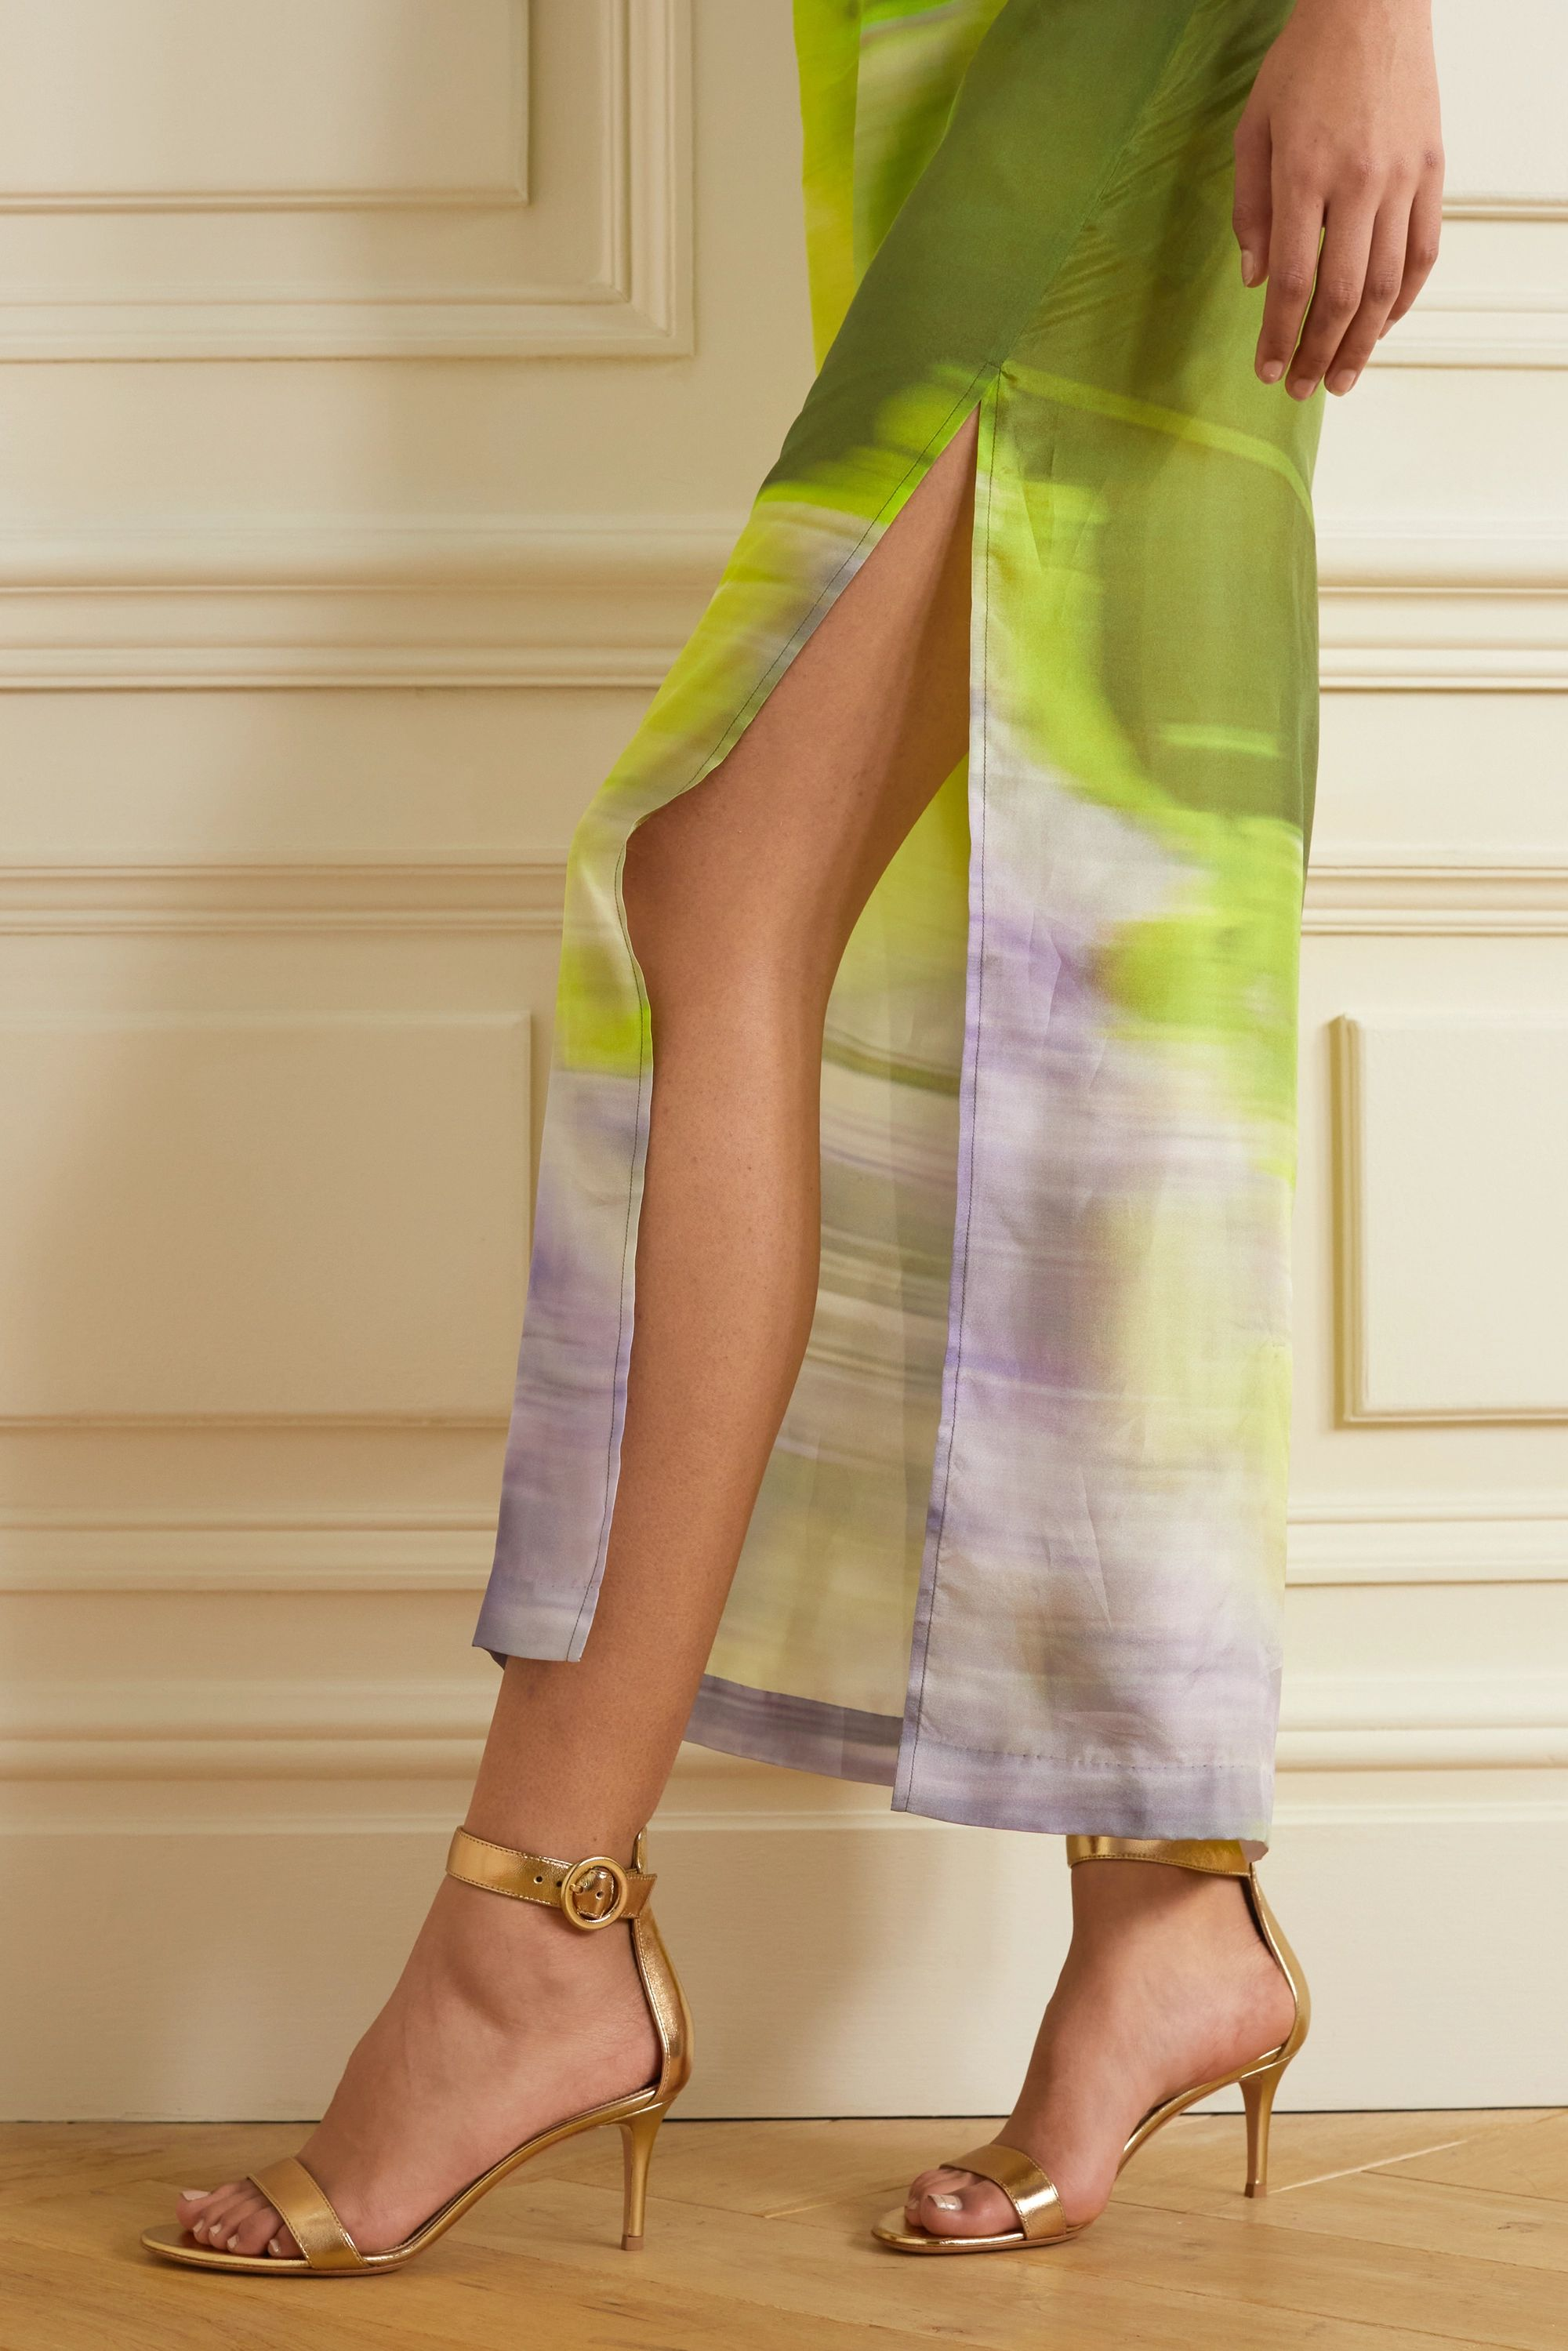 Gianvito Rossi Portofino 70 metallic leather sandals